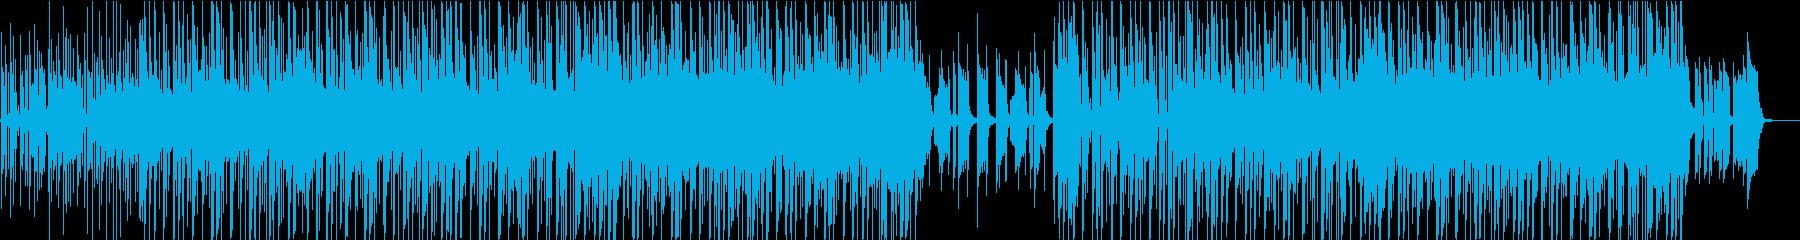 タイムラプス映像向けヒップホップの再生済みの波形